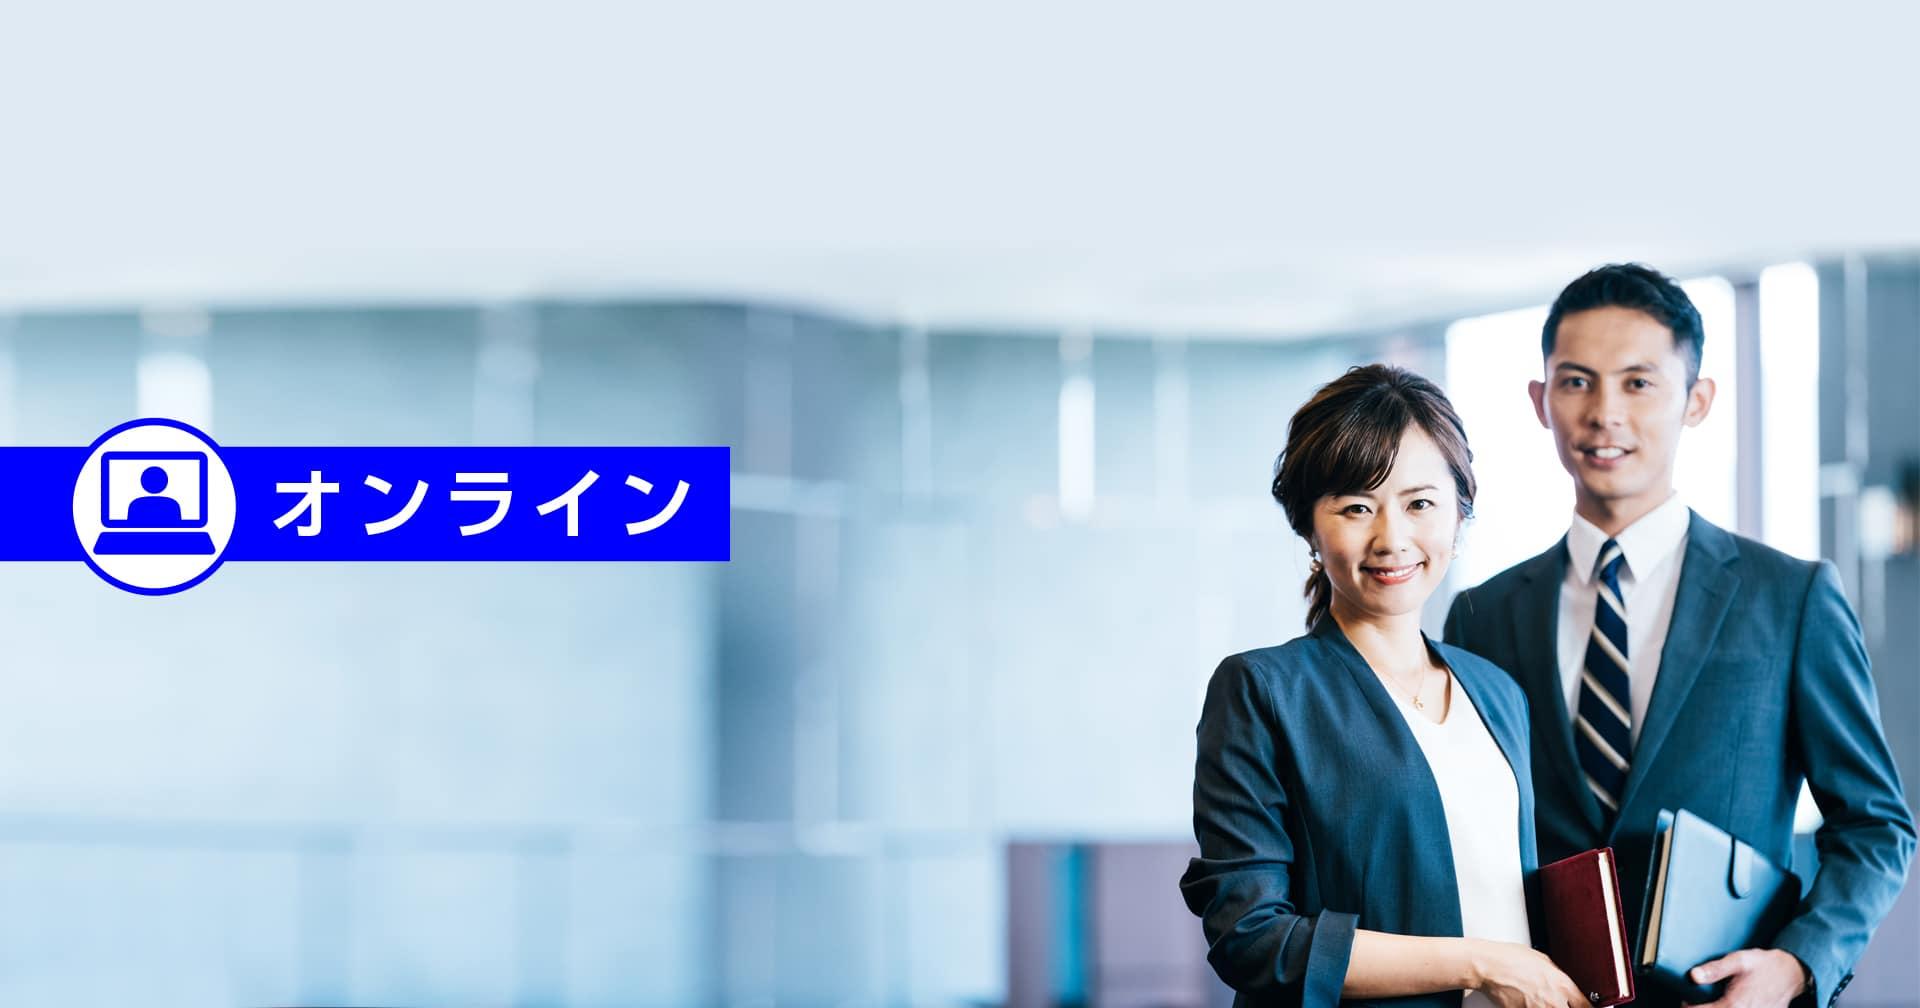 【オンライン版】係長研修 行動革新コース(1日)